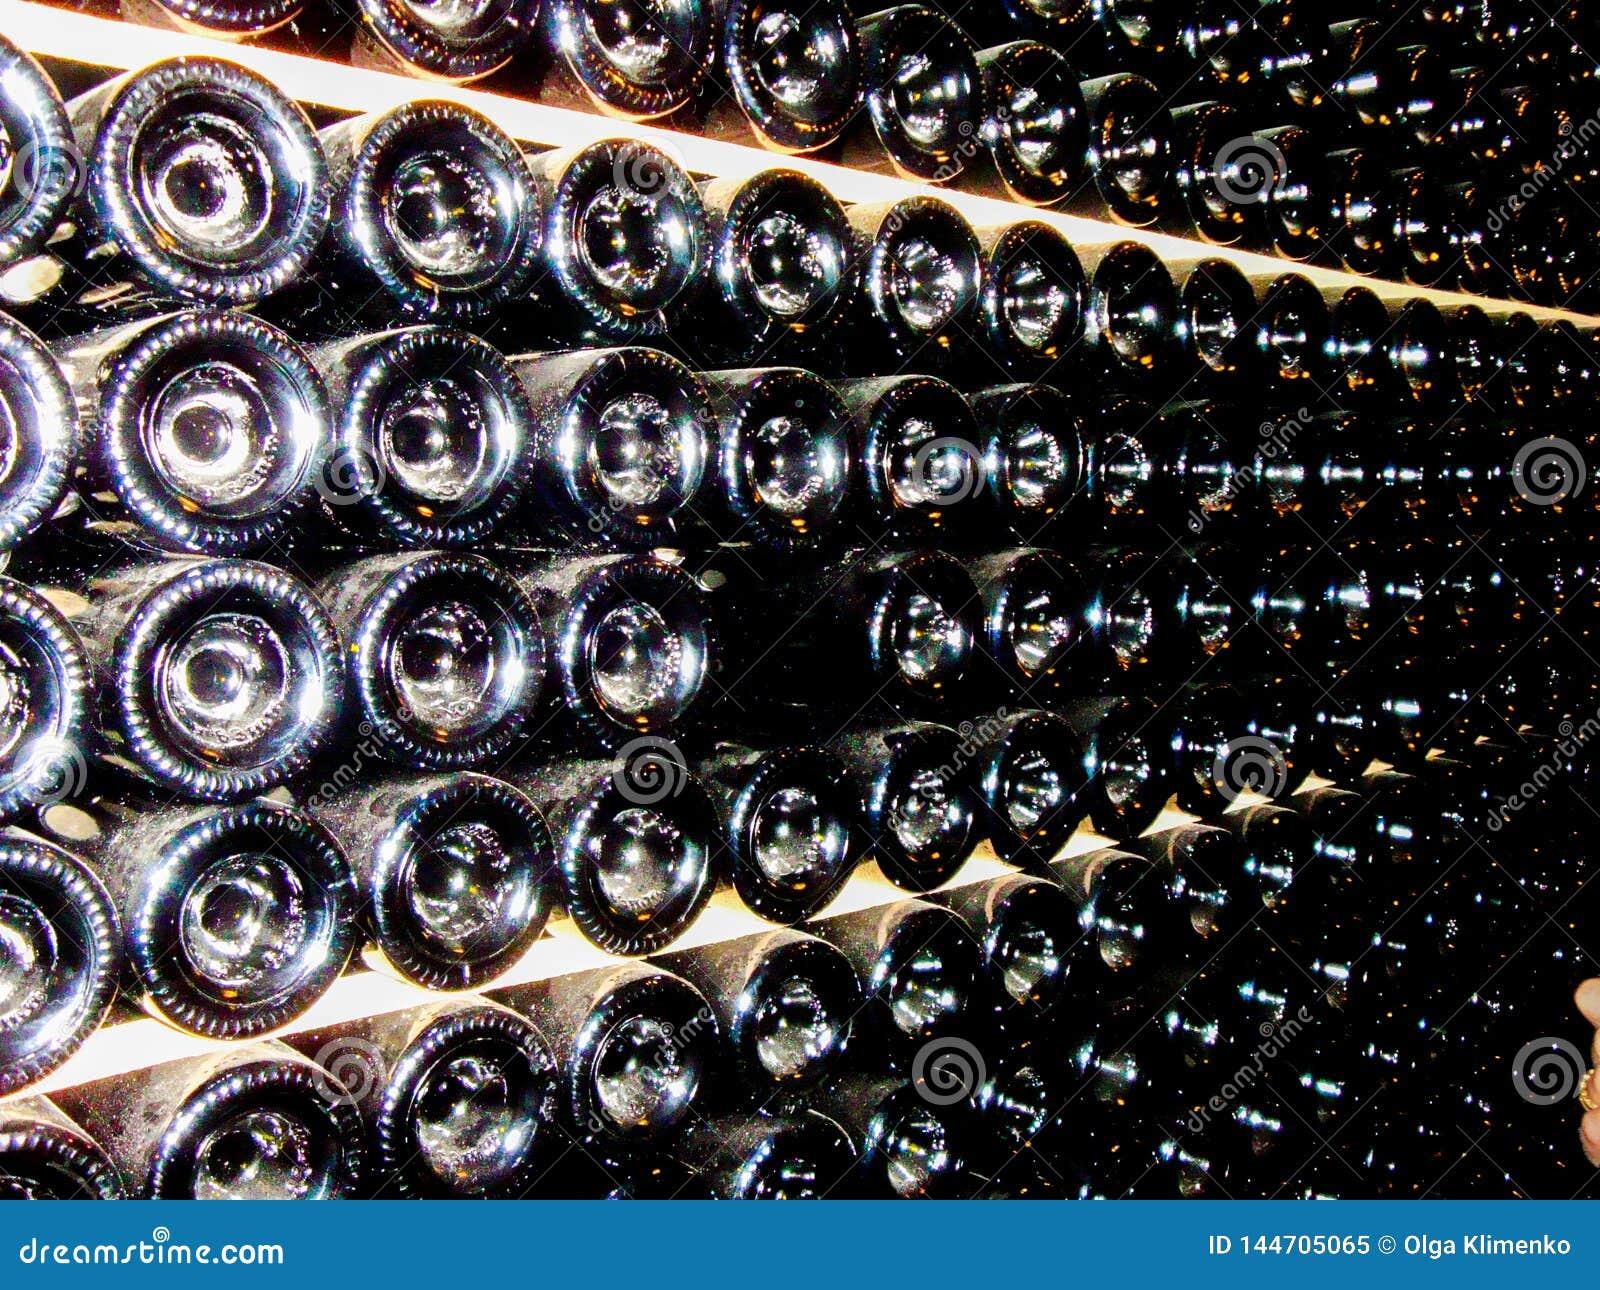 Unterseiten von Flaschen im Keller der Weinkellerei